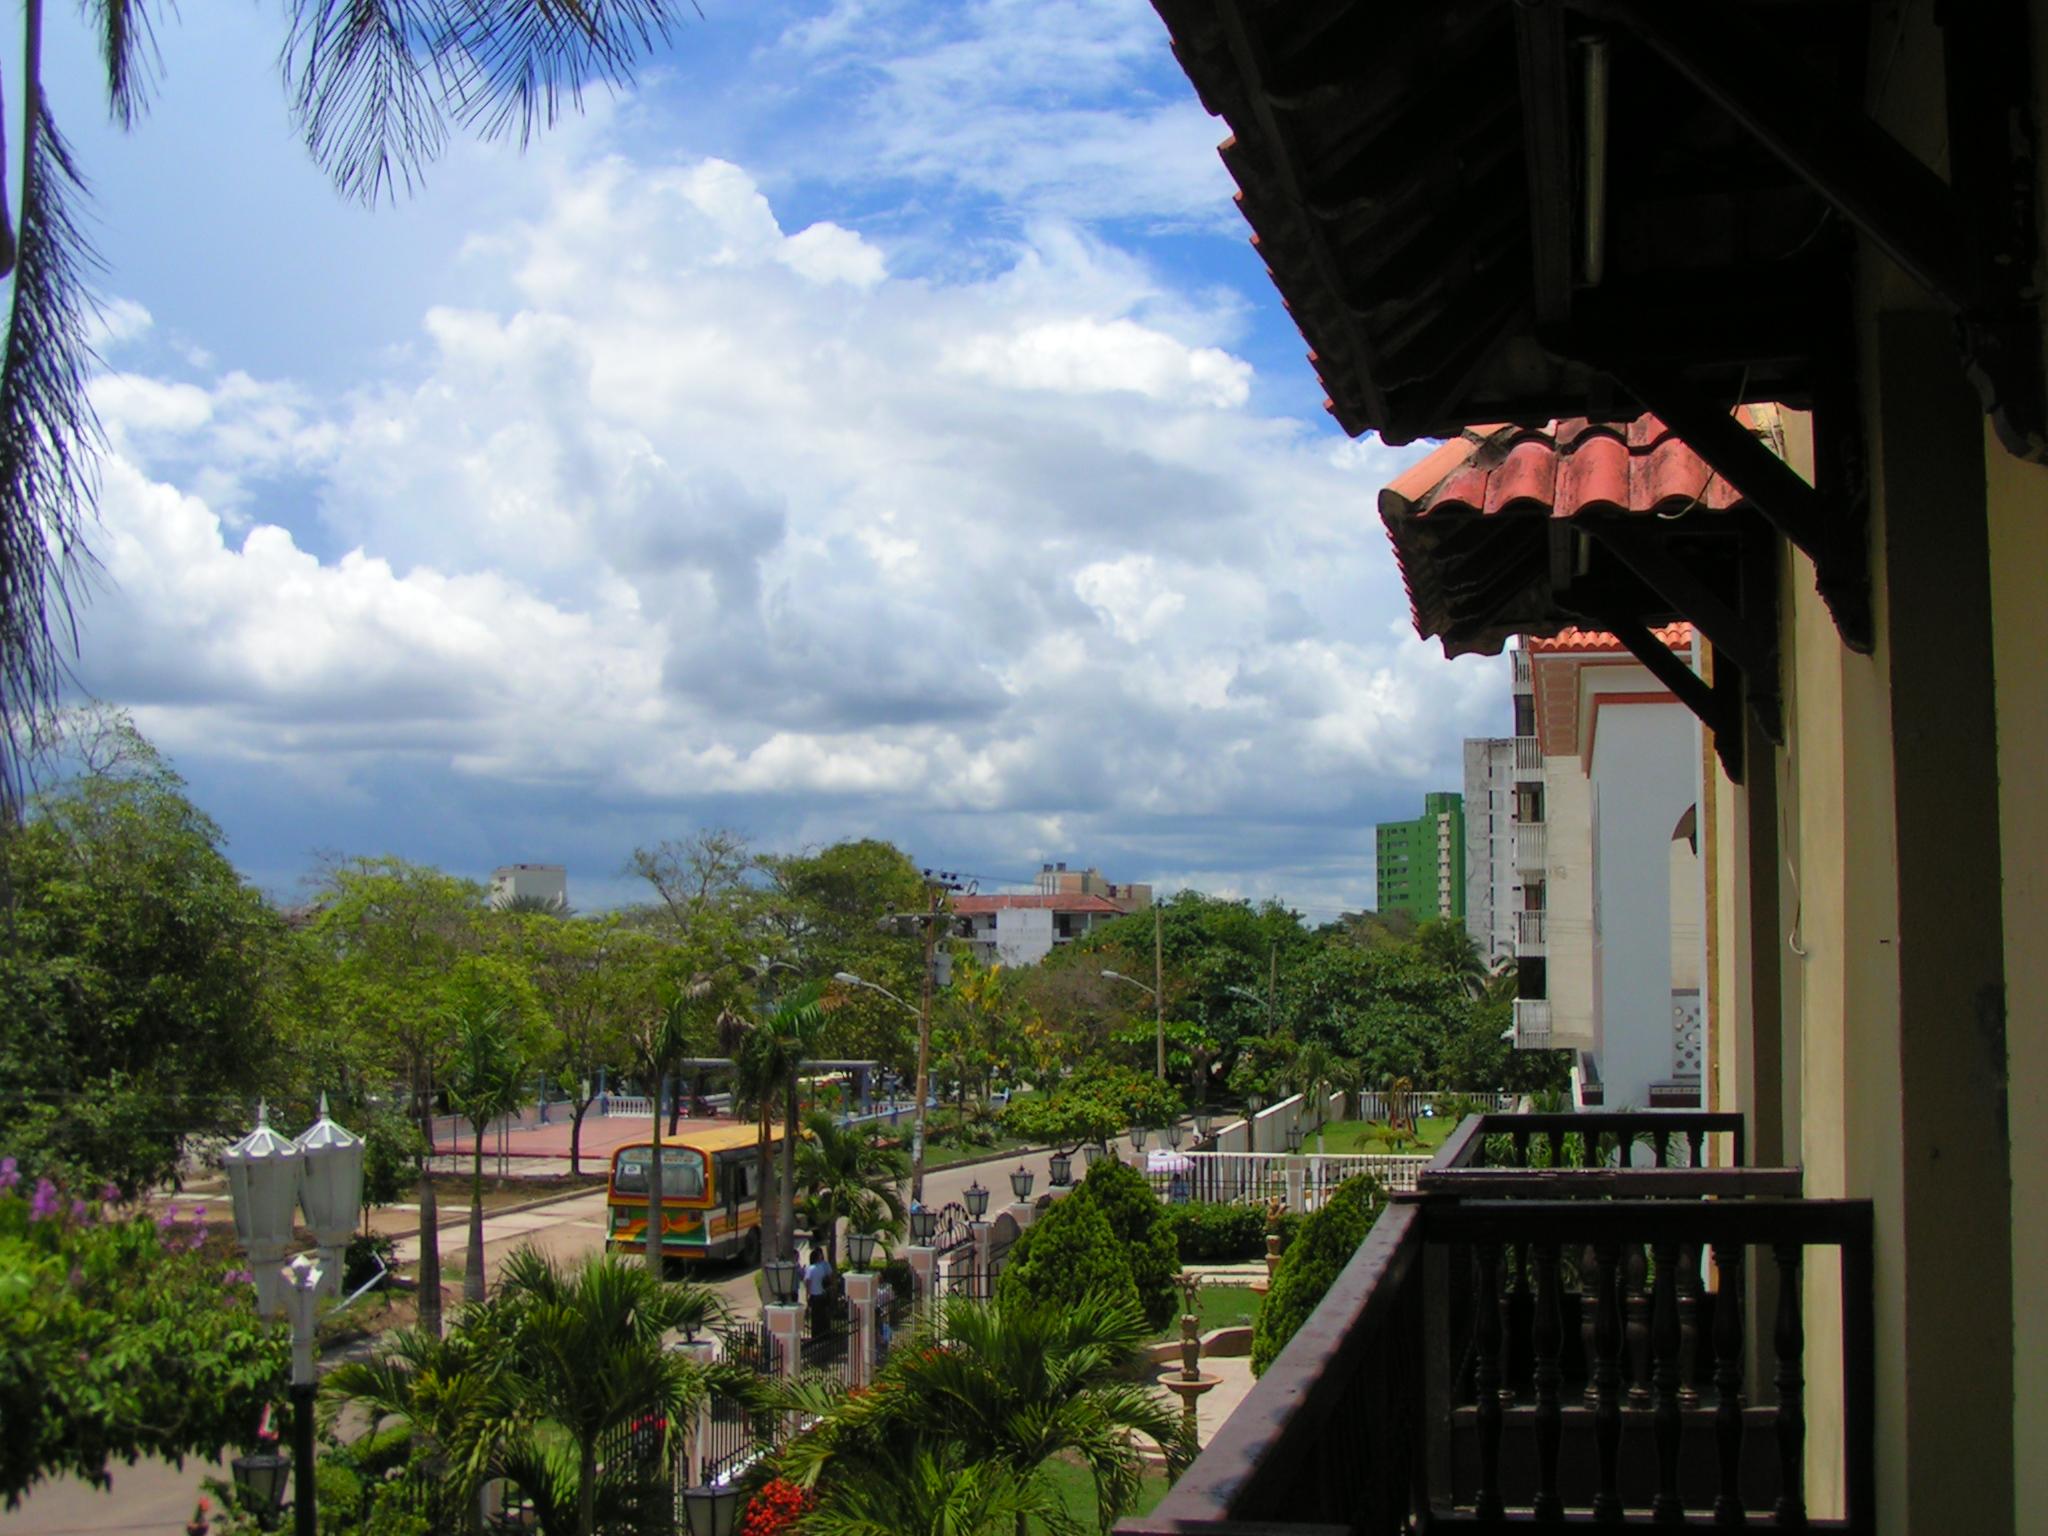 Museo Romantico.File Barranquilla Colombia Vista Desde El Museo Romantico Jpg